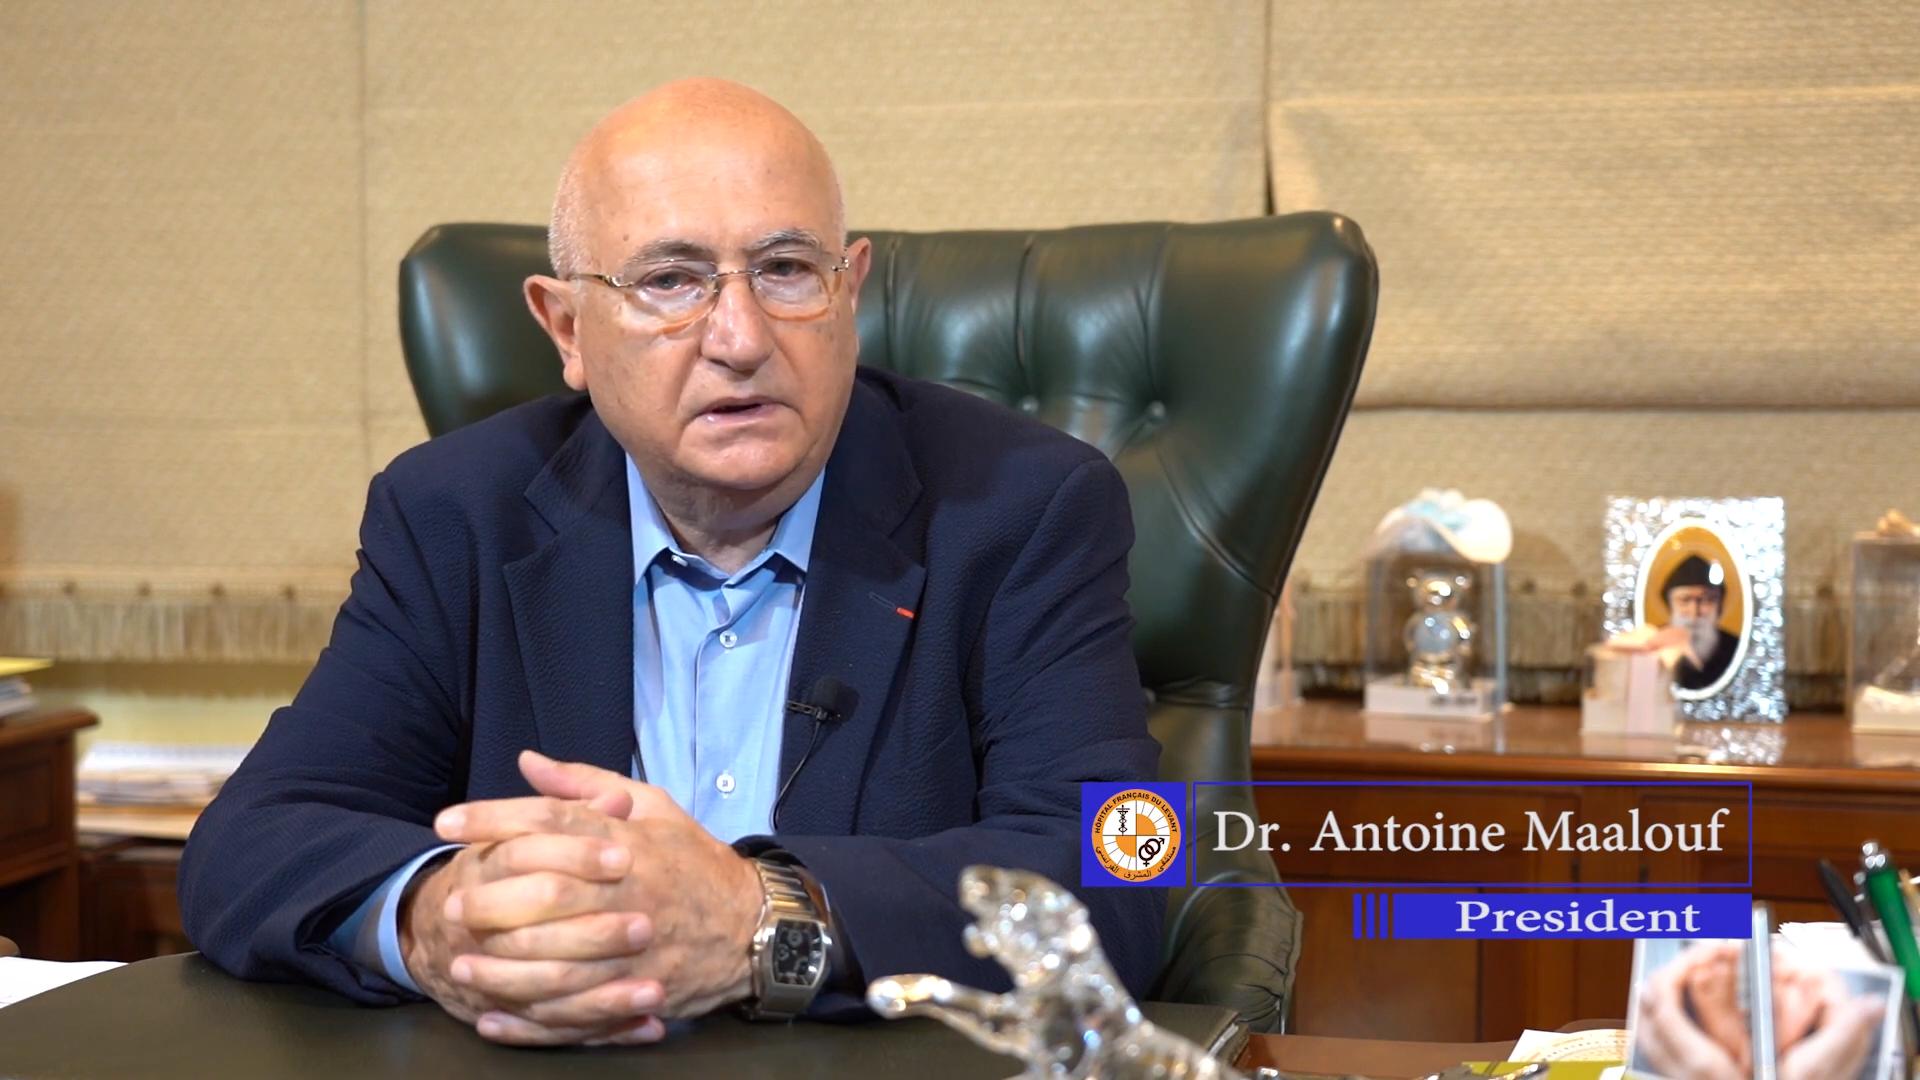 د. انطوان معلوف يتحدث عن انفجار مرفأ بيروت